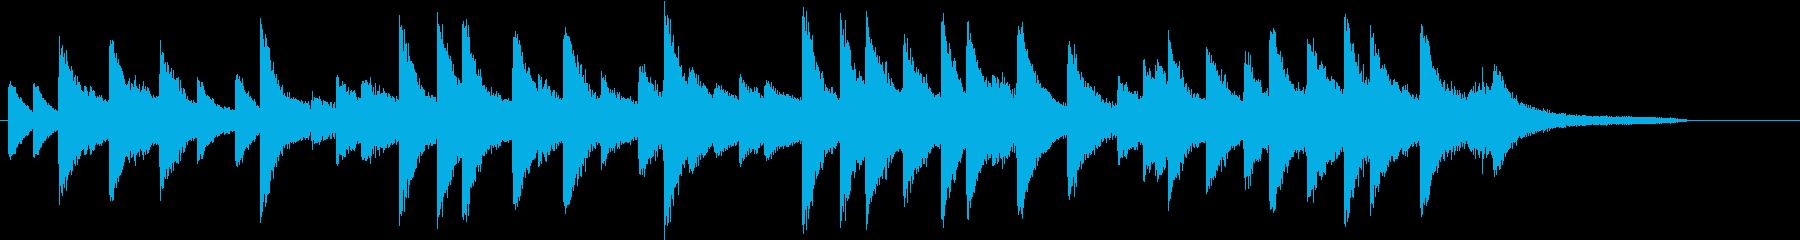 四季より「春」モチーフのピアノジングルFの再生済みの波形